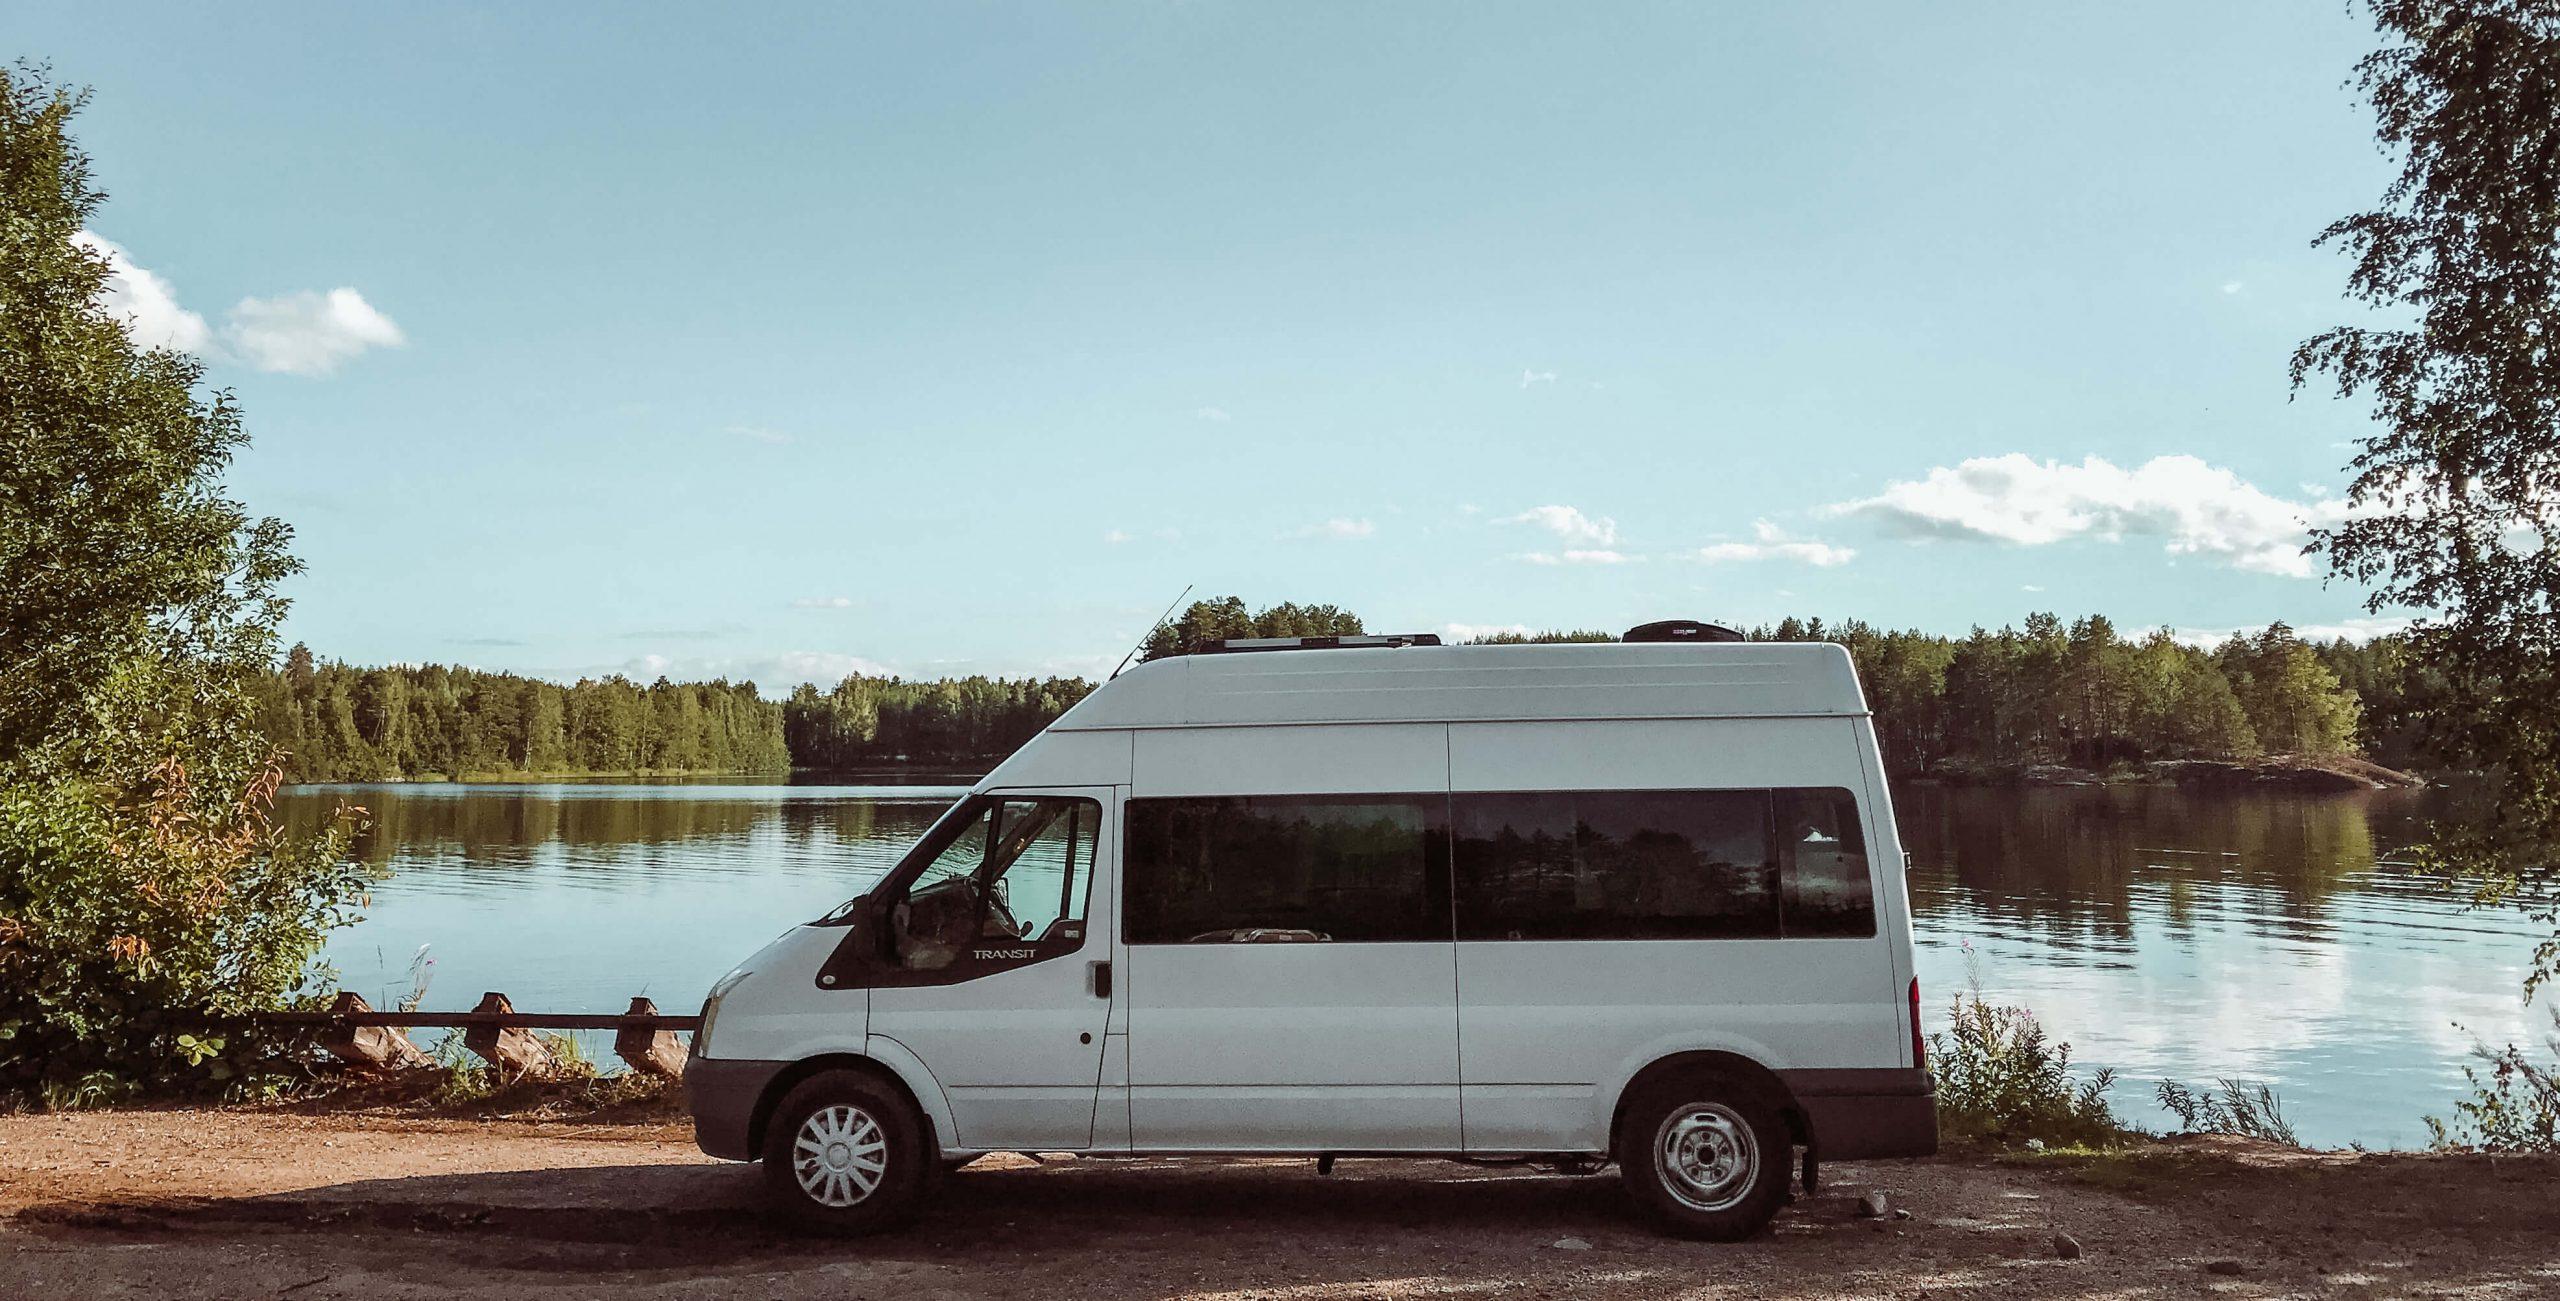 valkoinen ford transit järvimaisemassa.